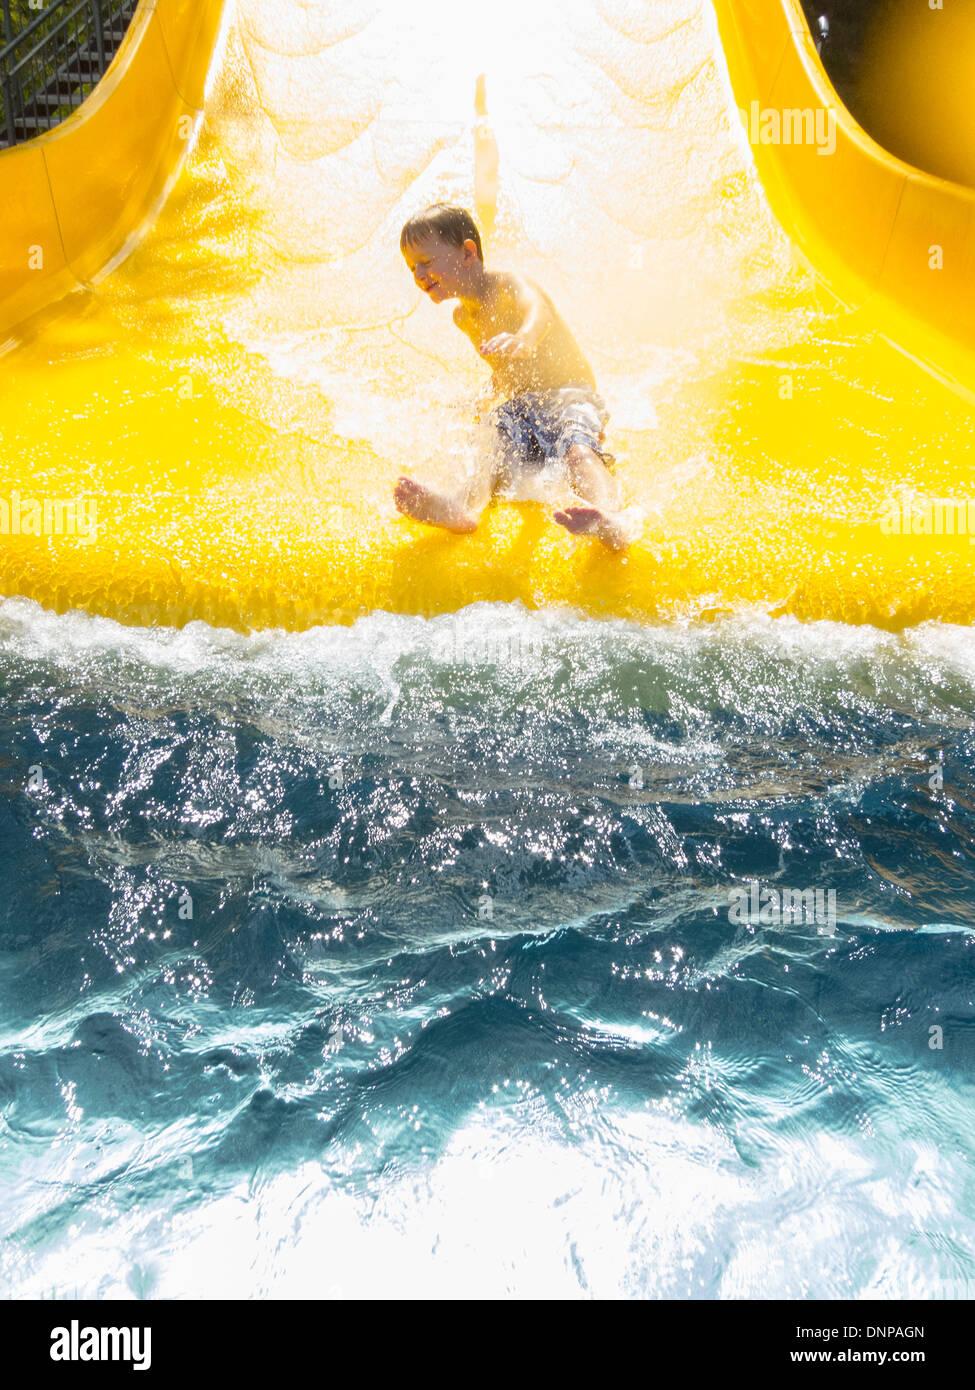 In Germania, in Turingia, ragazzo (6-7) avente divertimento sulla slitta di acqua Immagini Stock